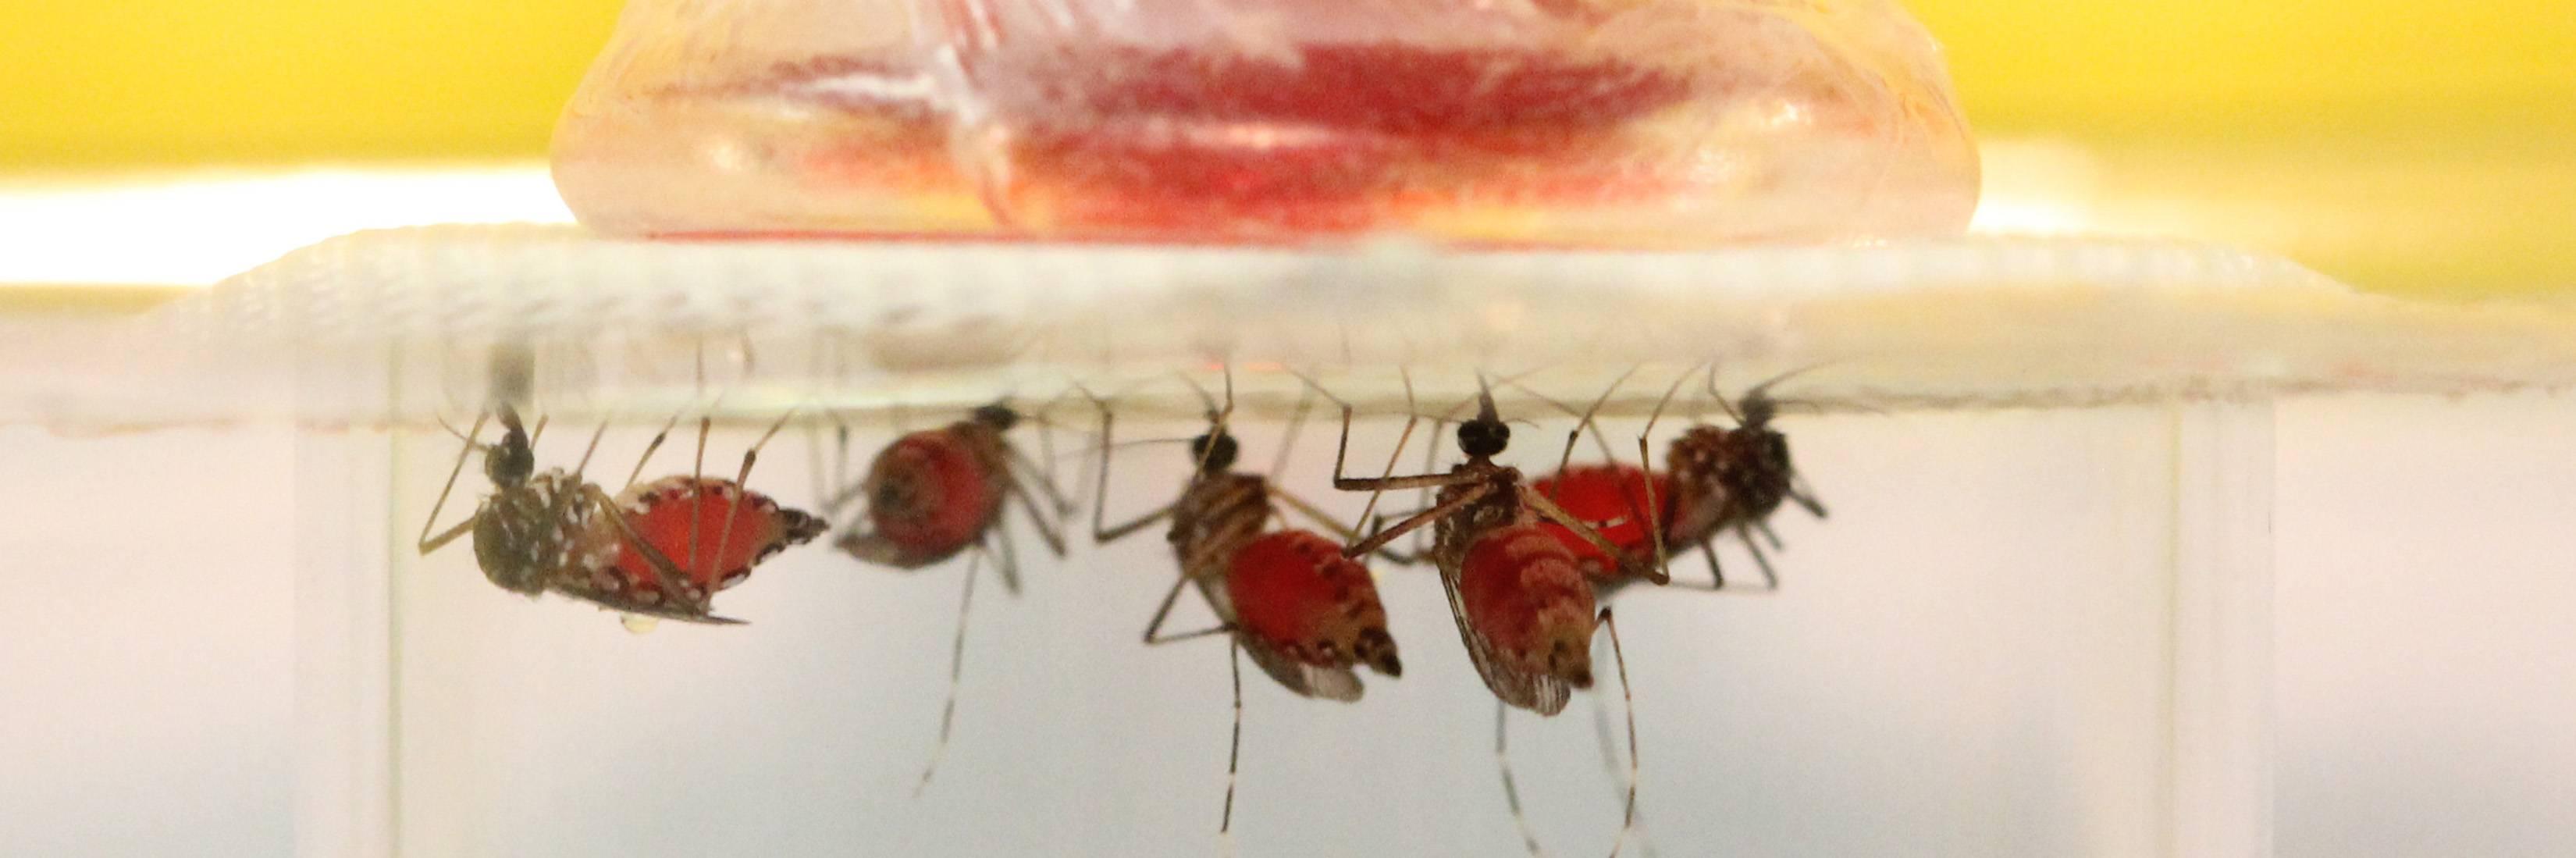 Aedes aegypti on a membrane feeder